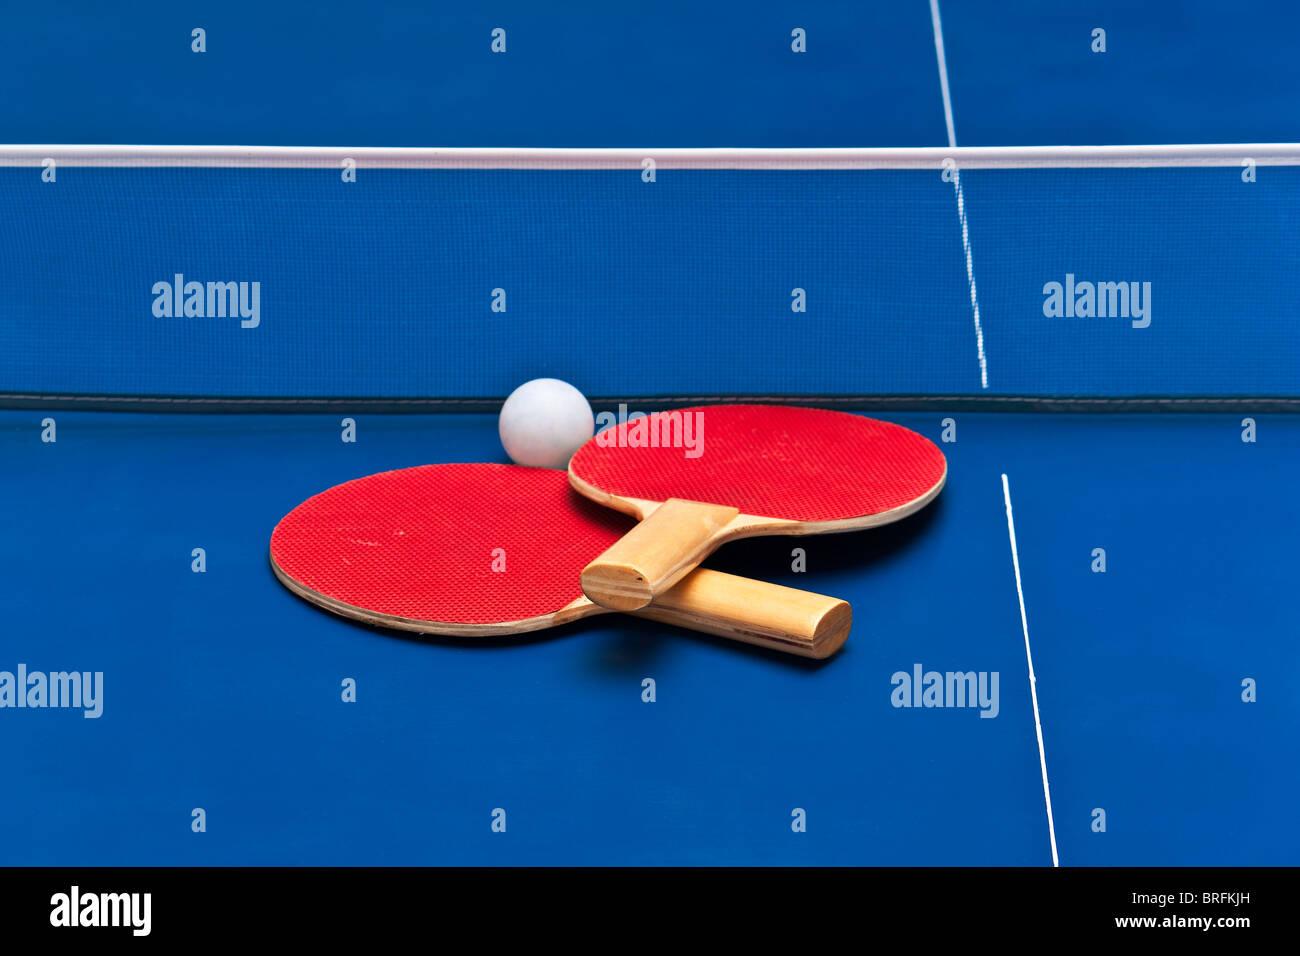 Par de raquetas de tenis de mesa en la parte superior de un campo de juego azul Imagen De Stock